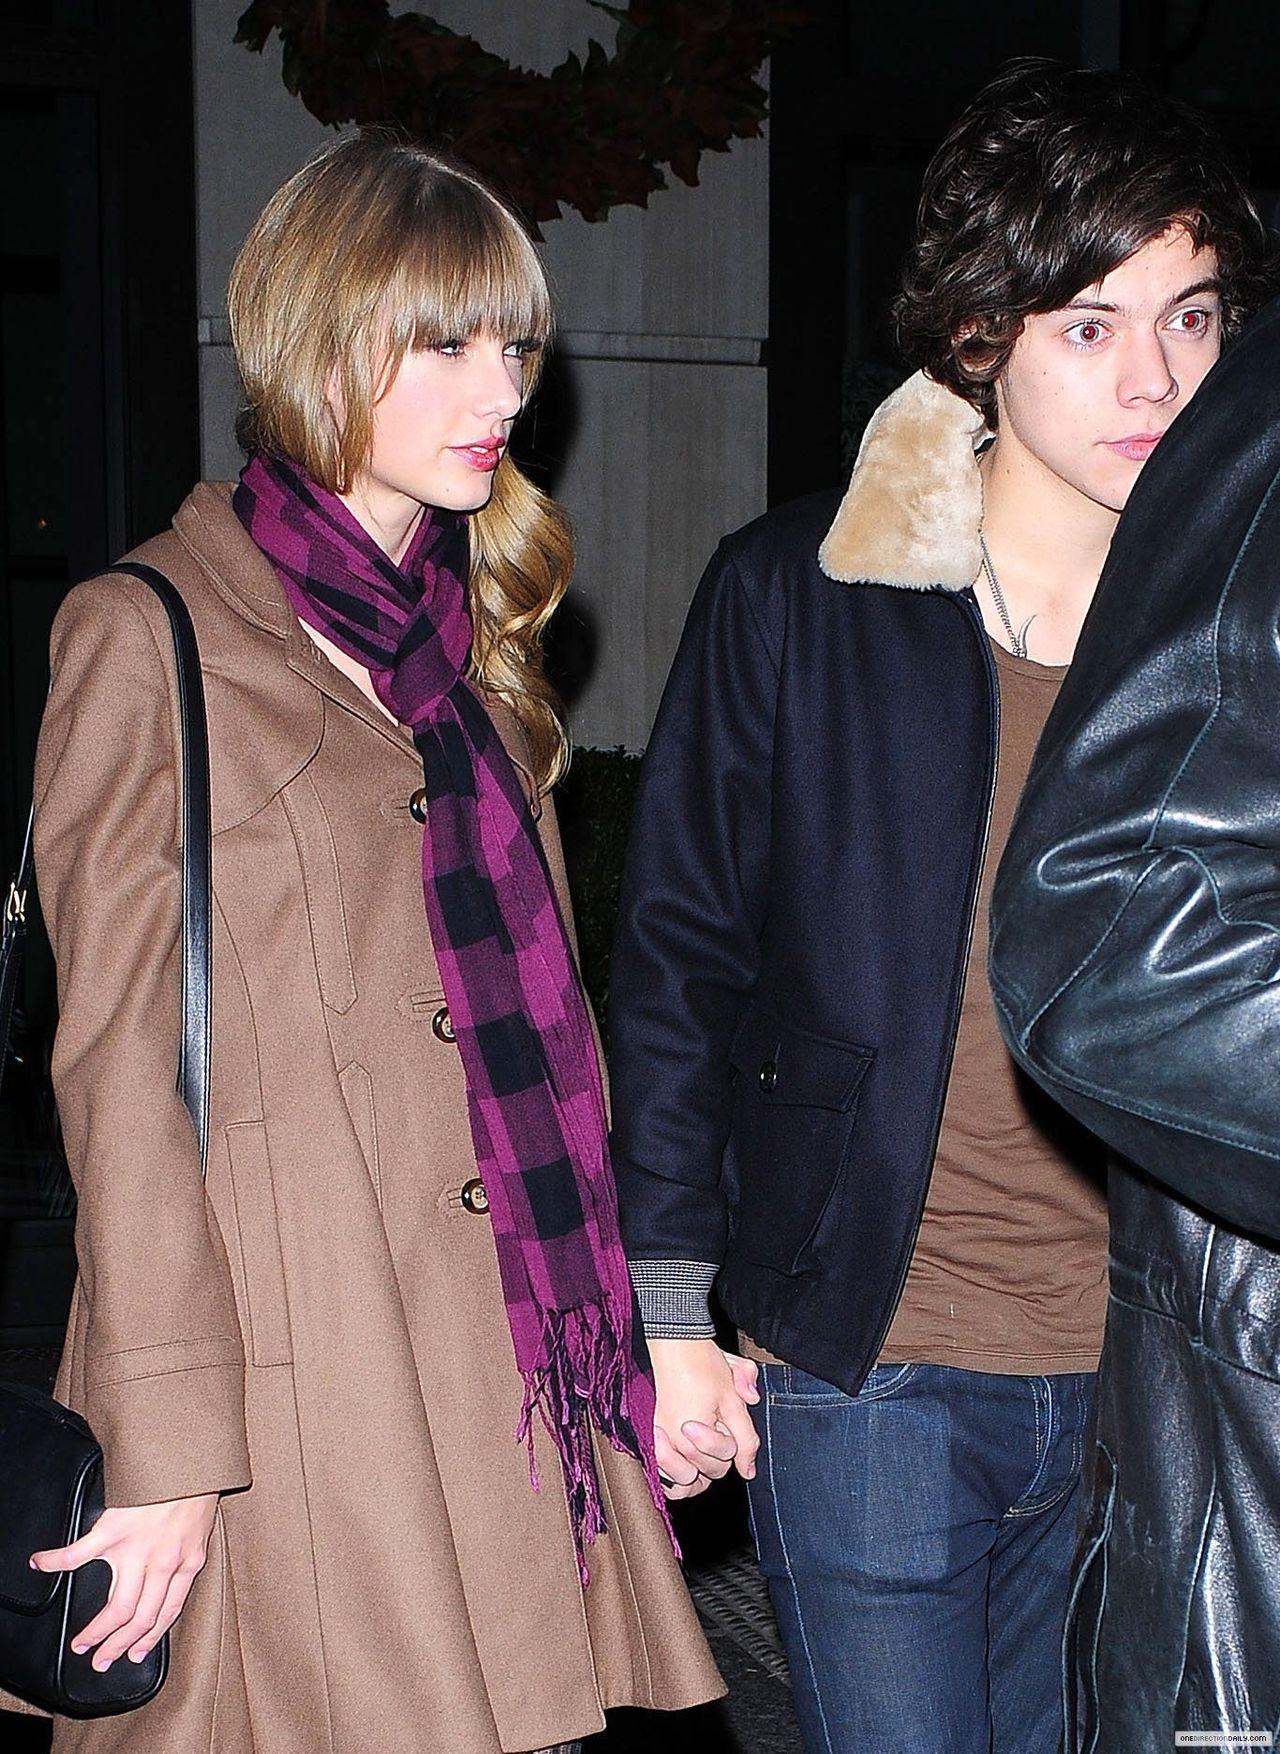 Wann hat Harry Stile und Taylor schnelle erste Stardatierung Umgang mit Ex-Freundin Dating